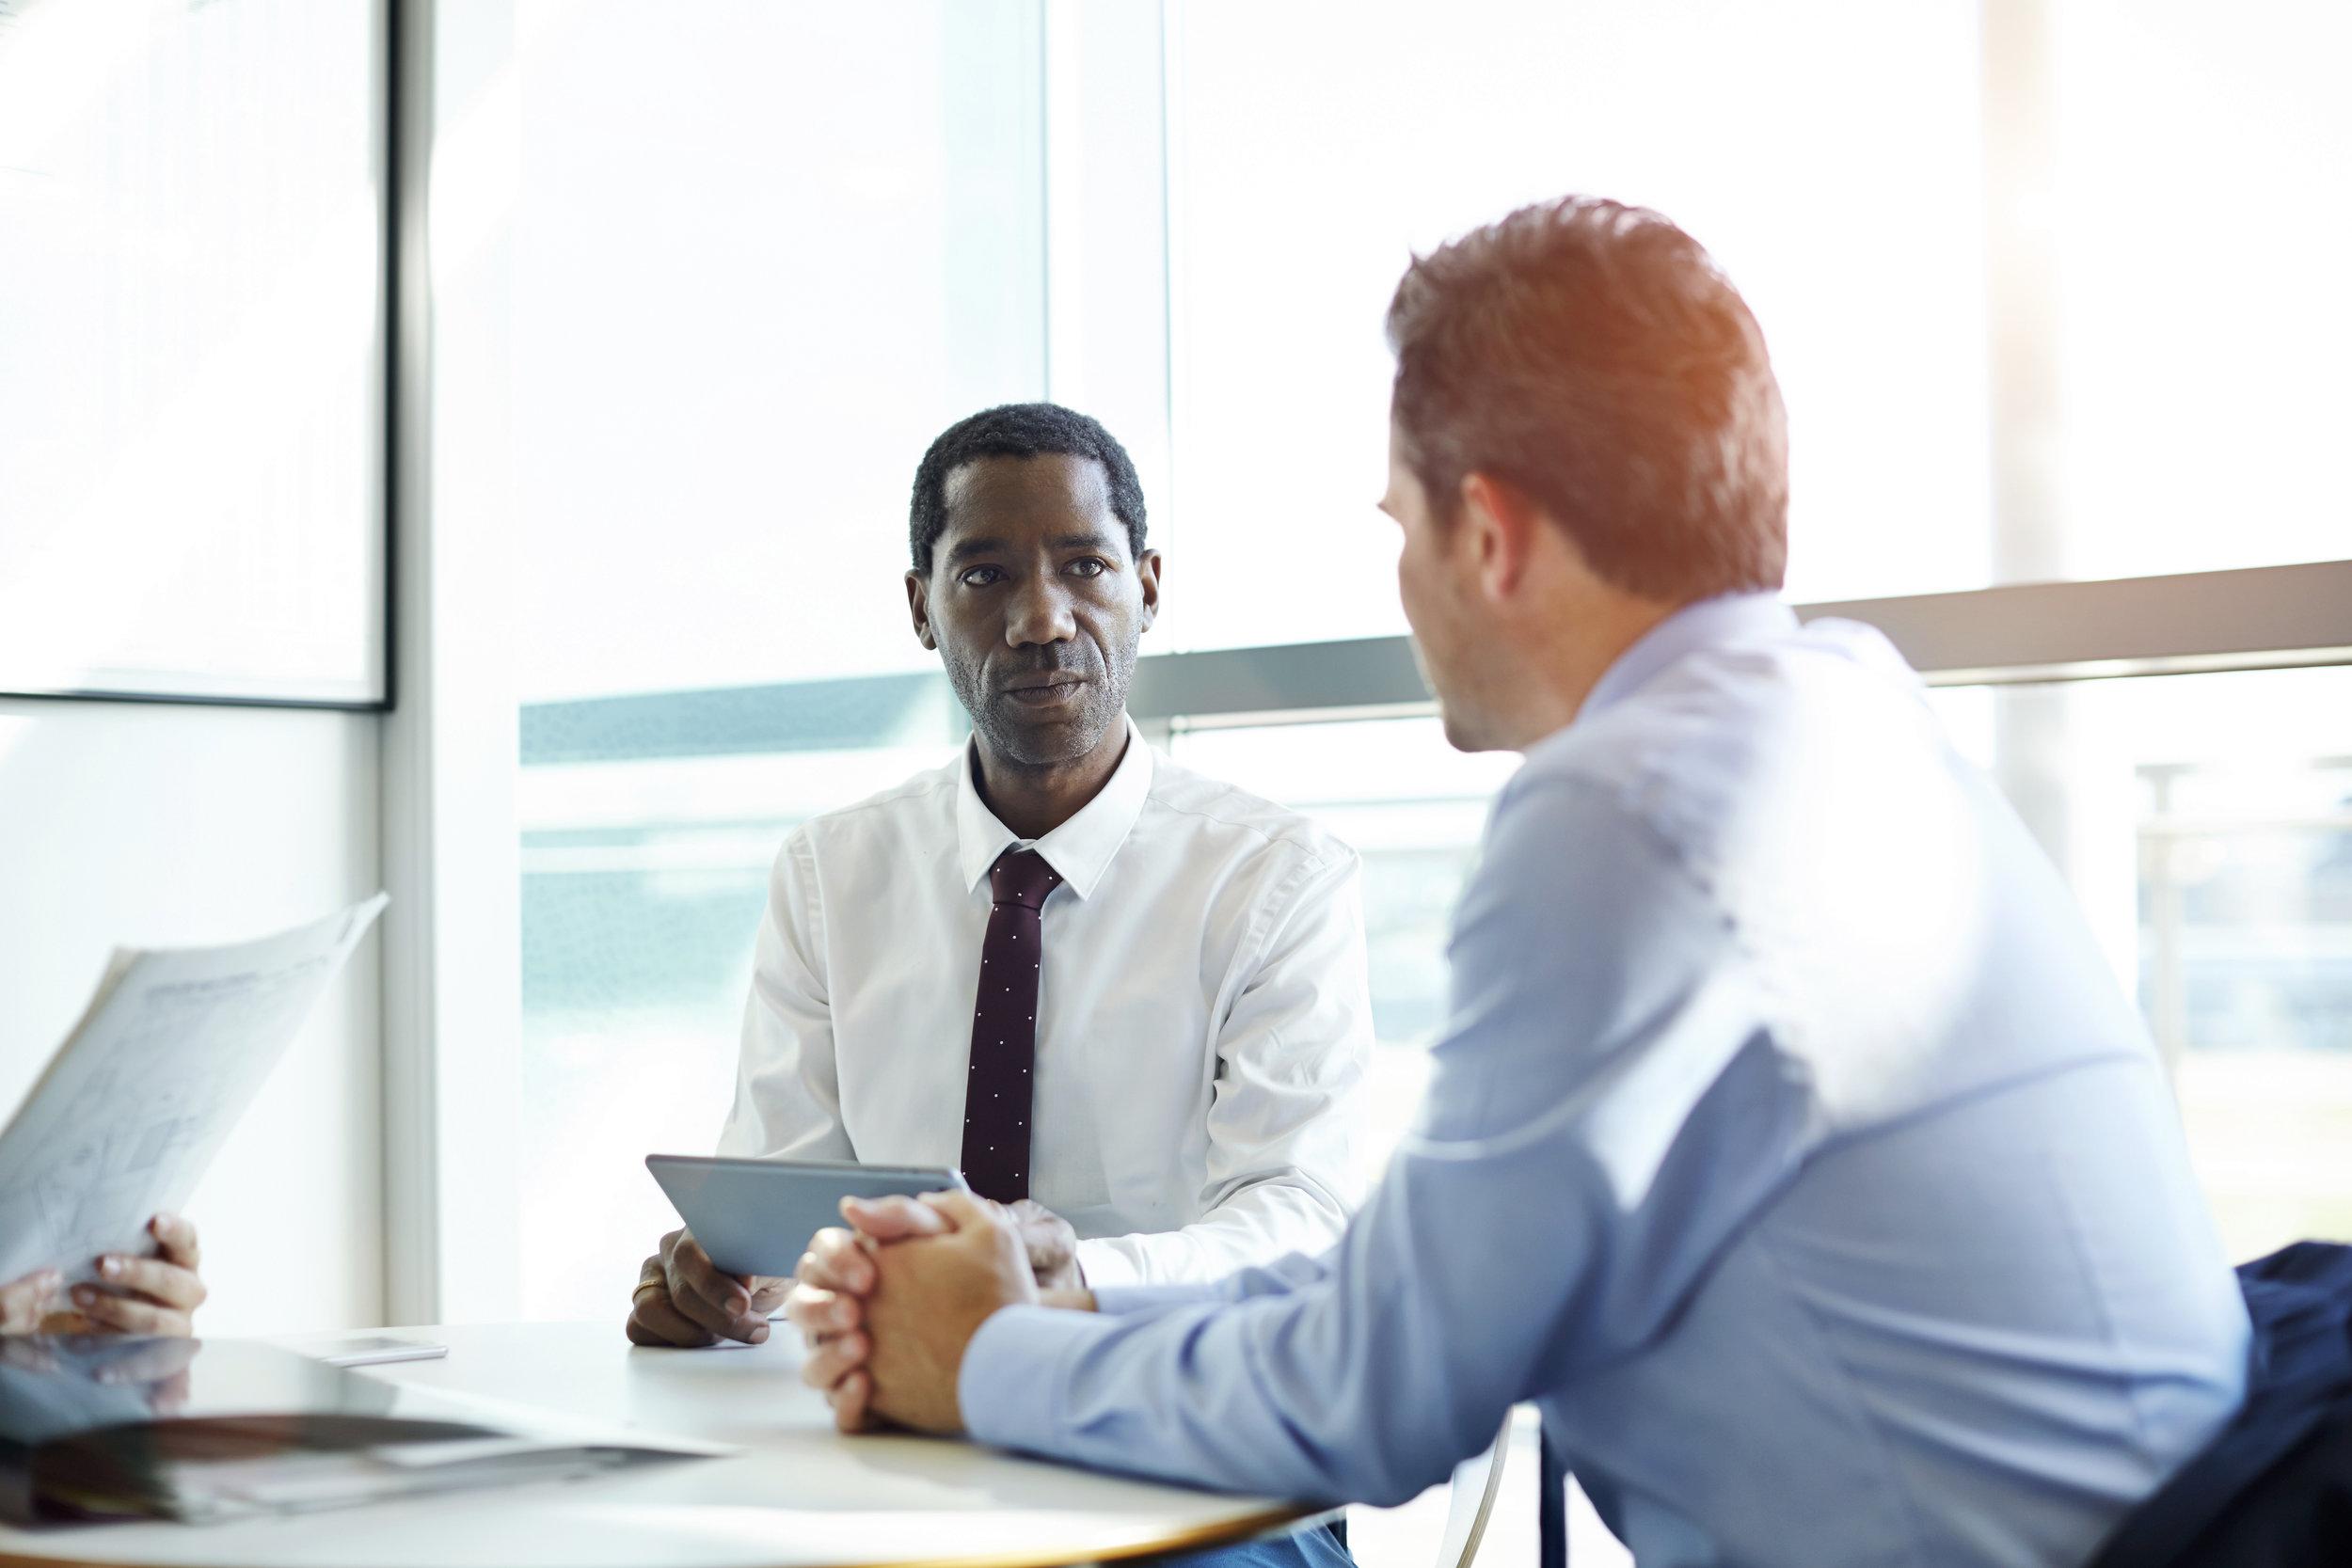 Men office Table.jpg